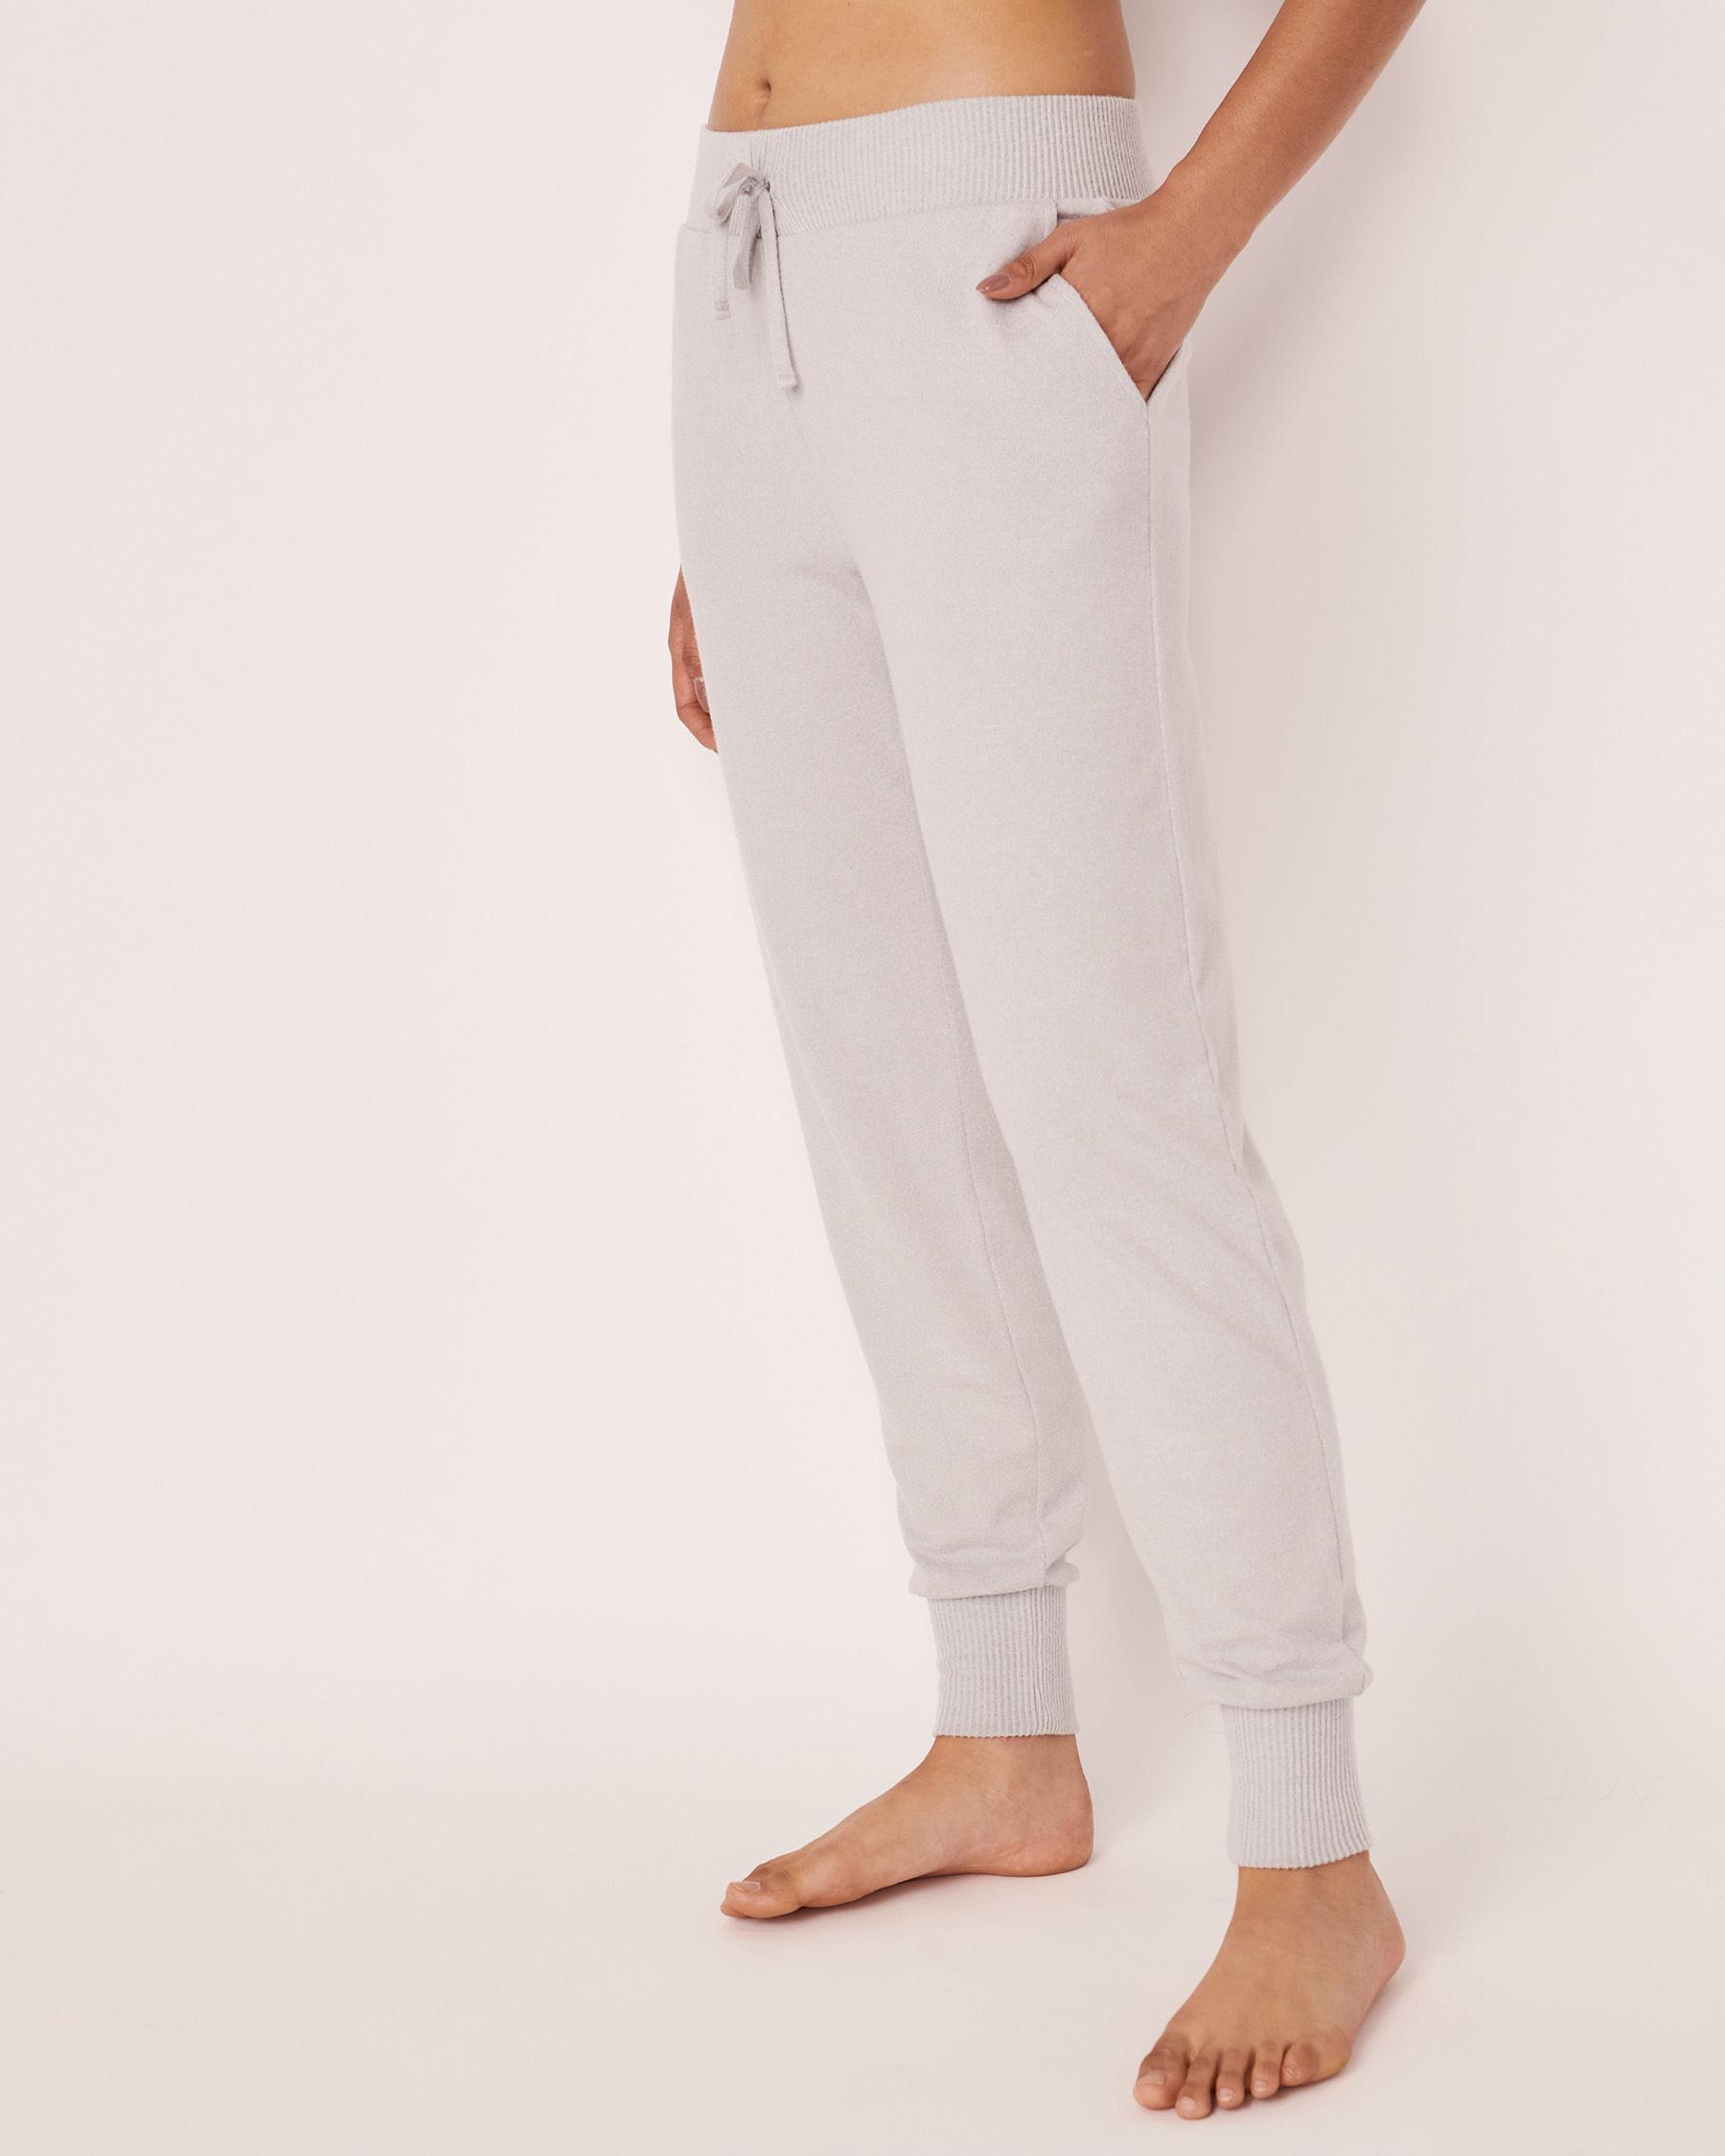 LA VIE EN ROSE Pantalon ajusté en fibres recyclées Gris 40200133 - Voir1